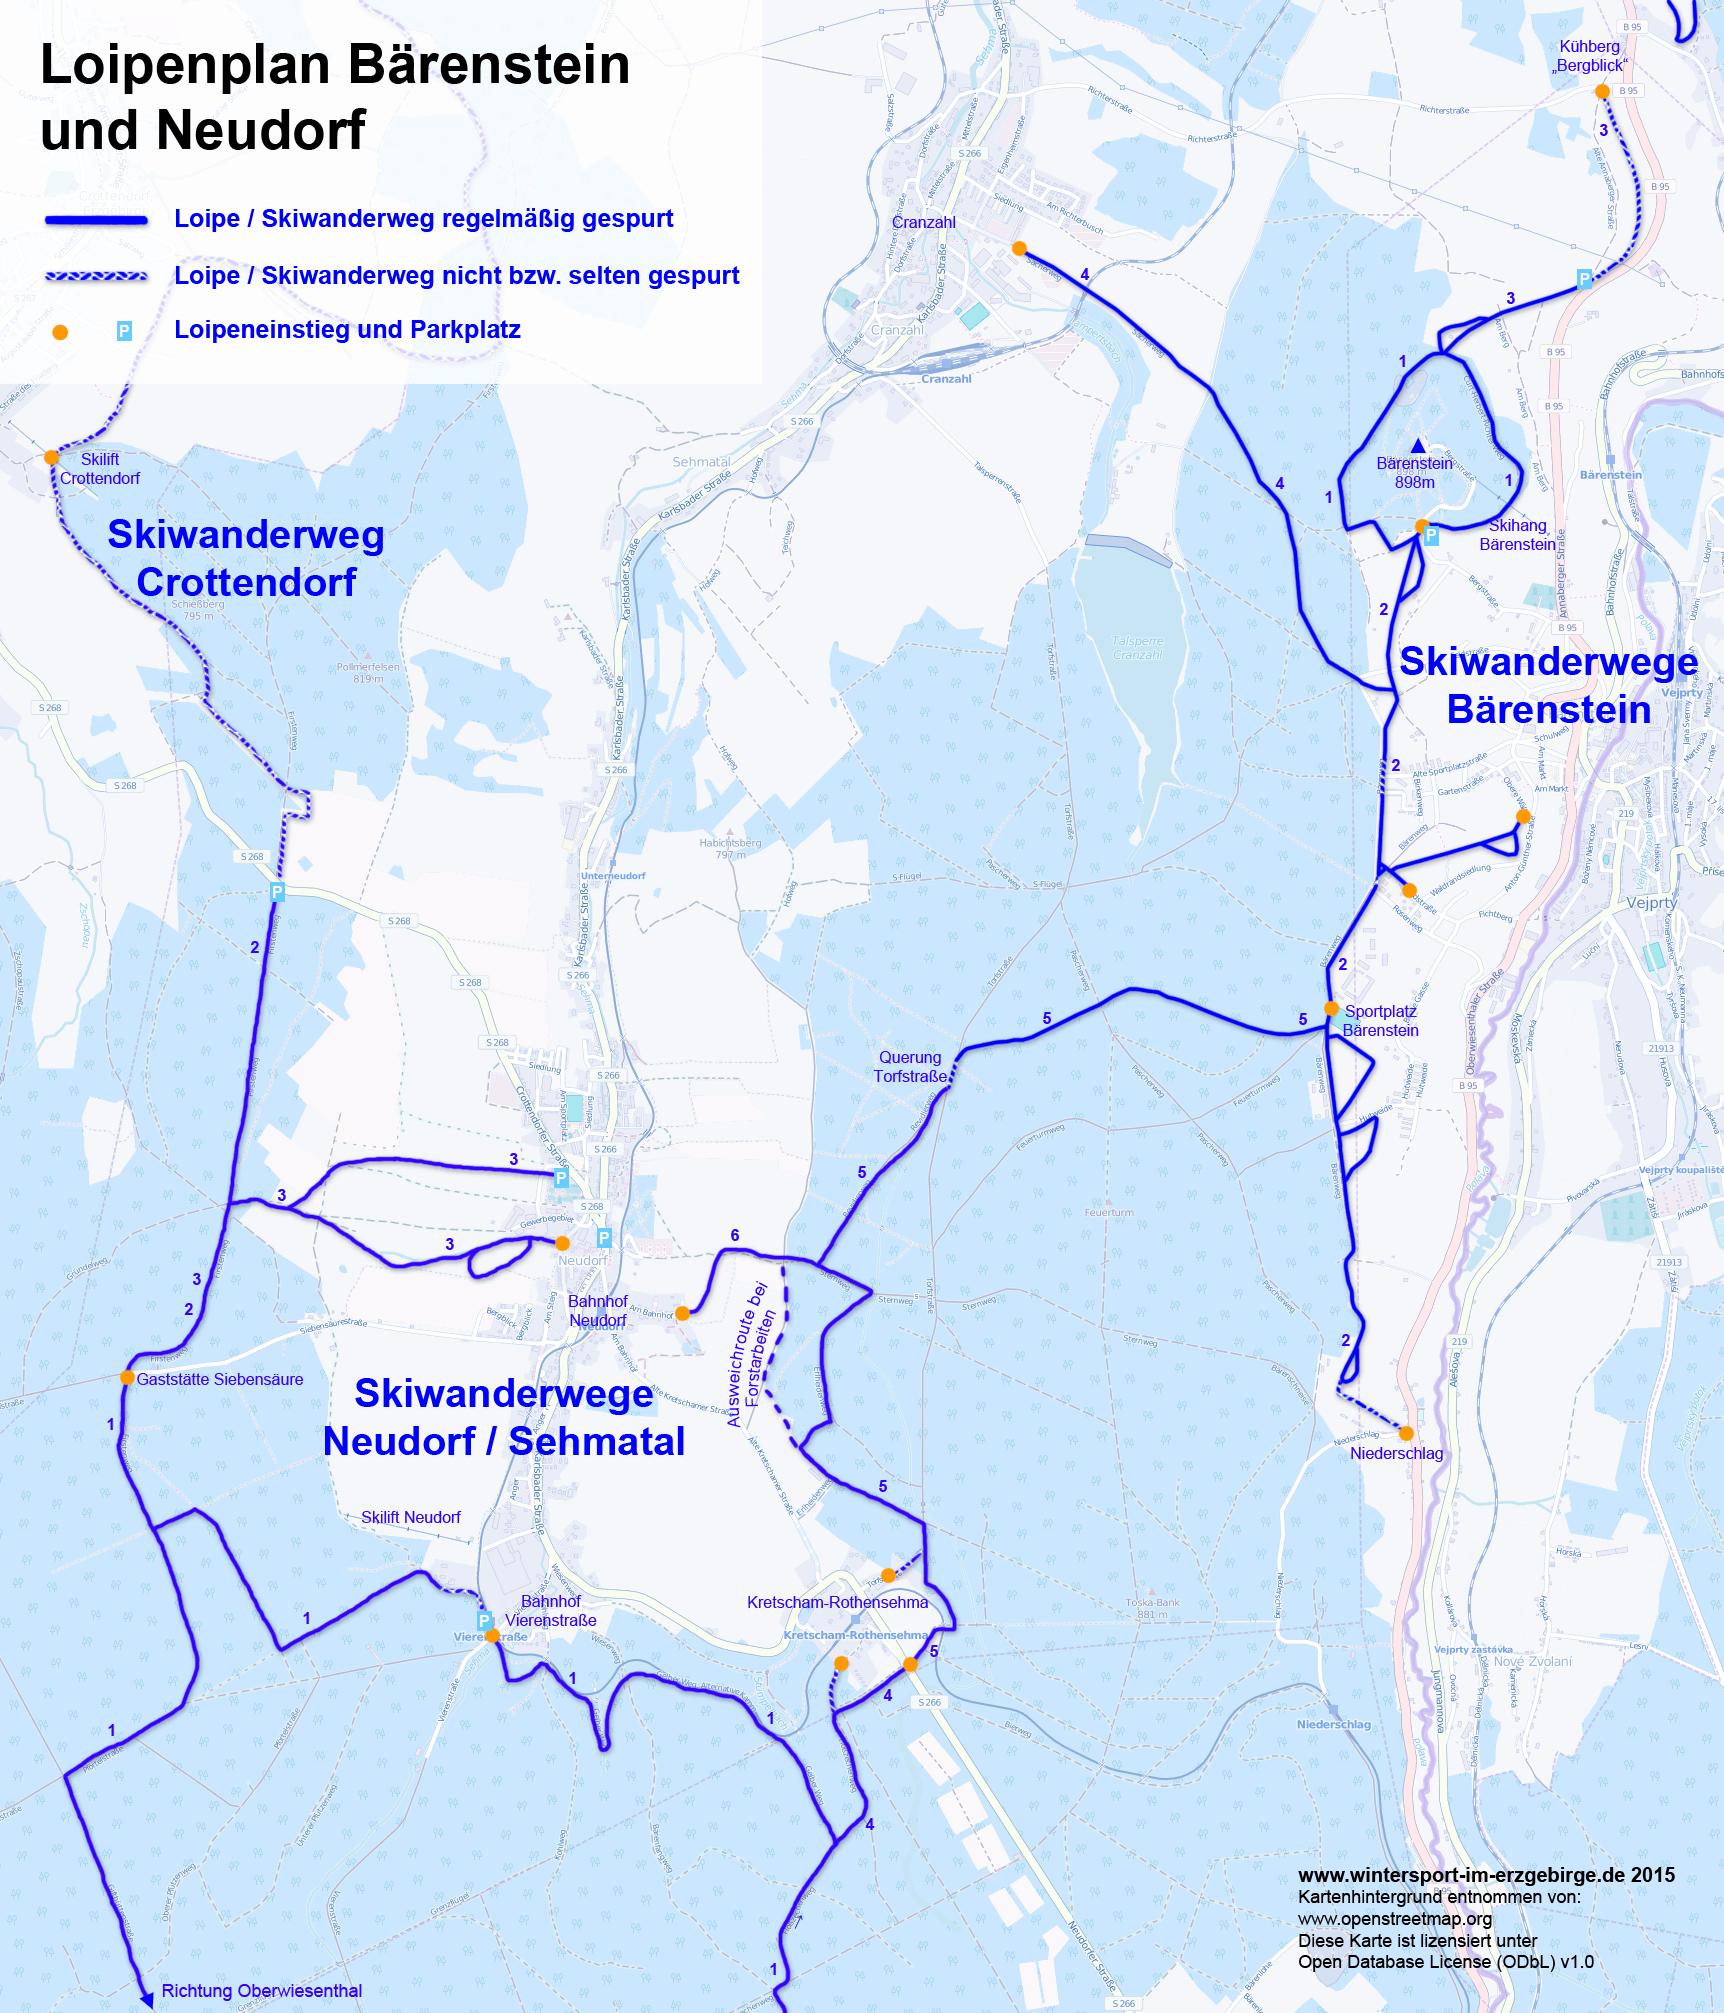 Loipenplan Bärenstein und Neudorf